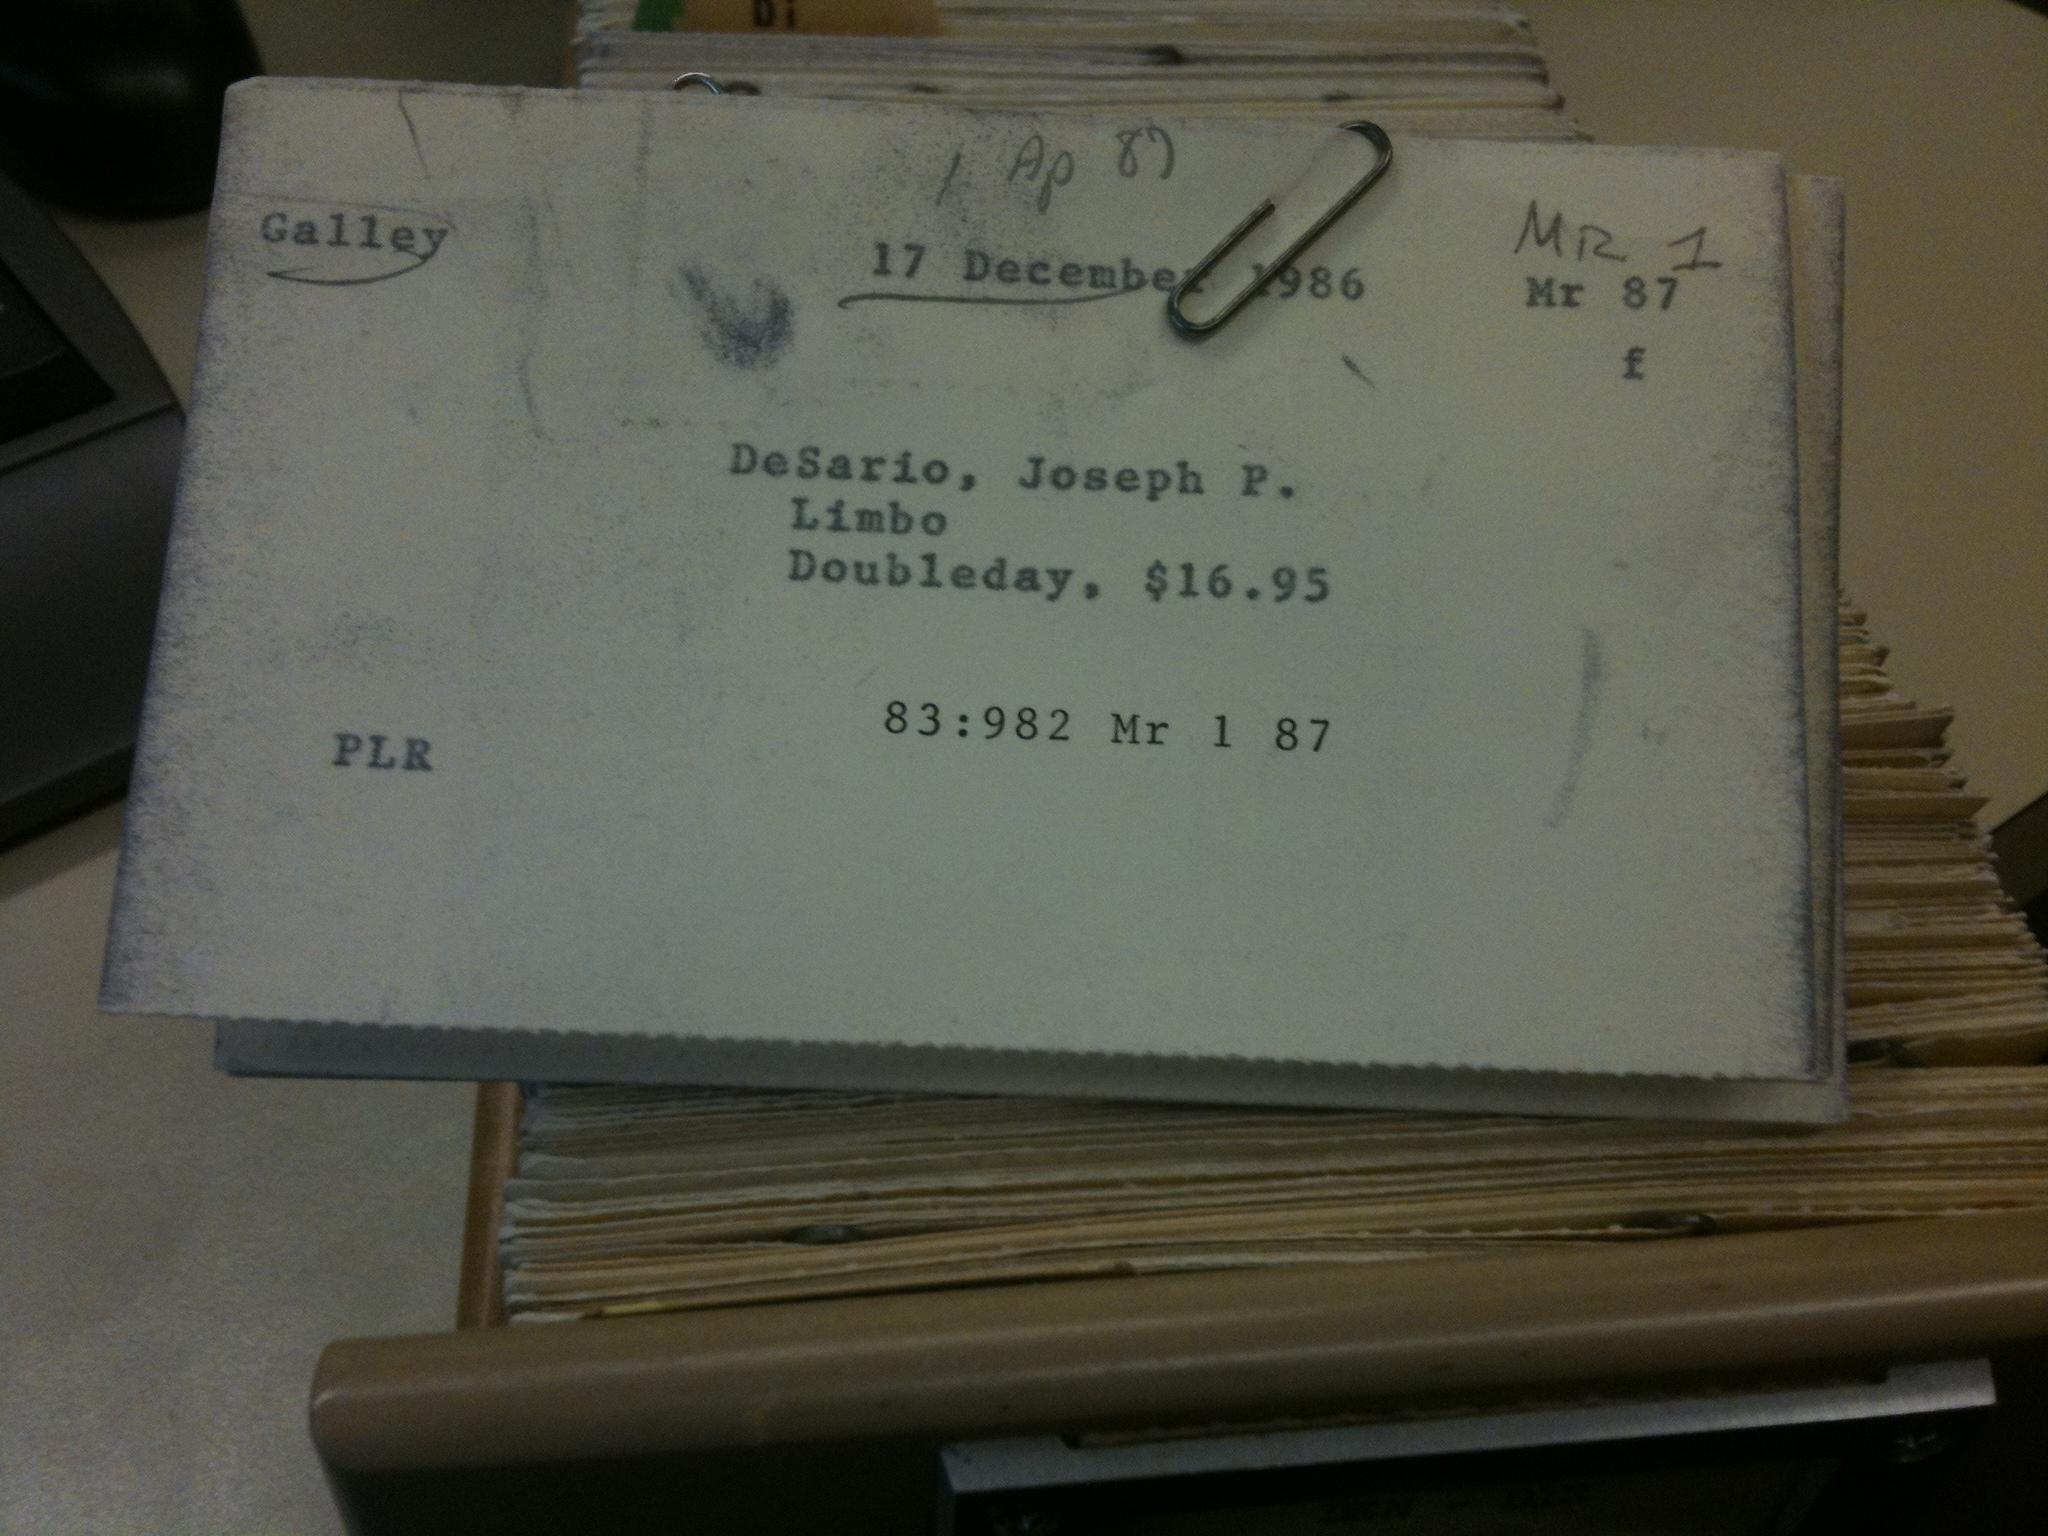 Limbo filing card